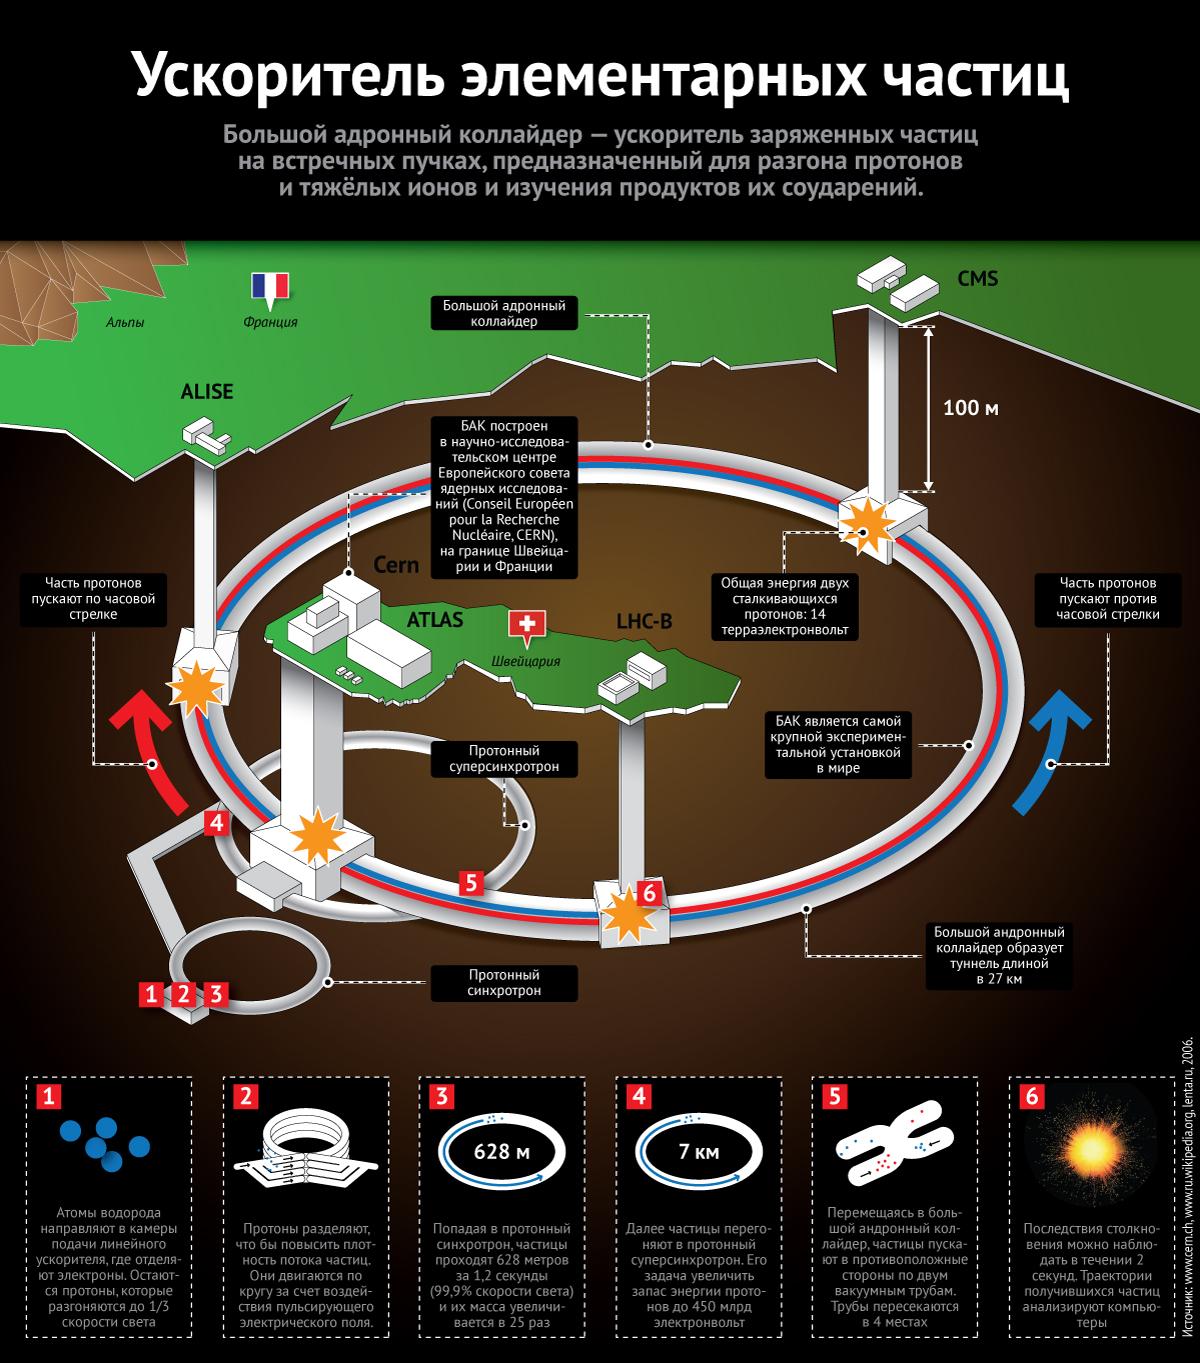 Инфографика Большого адронного коллайдера